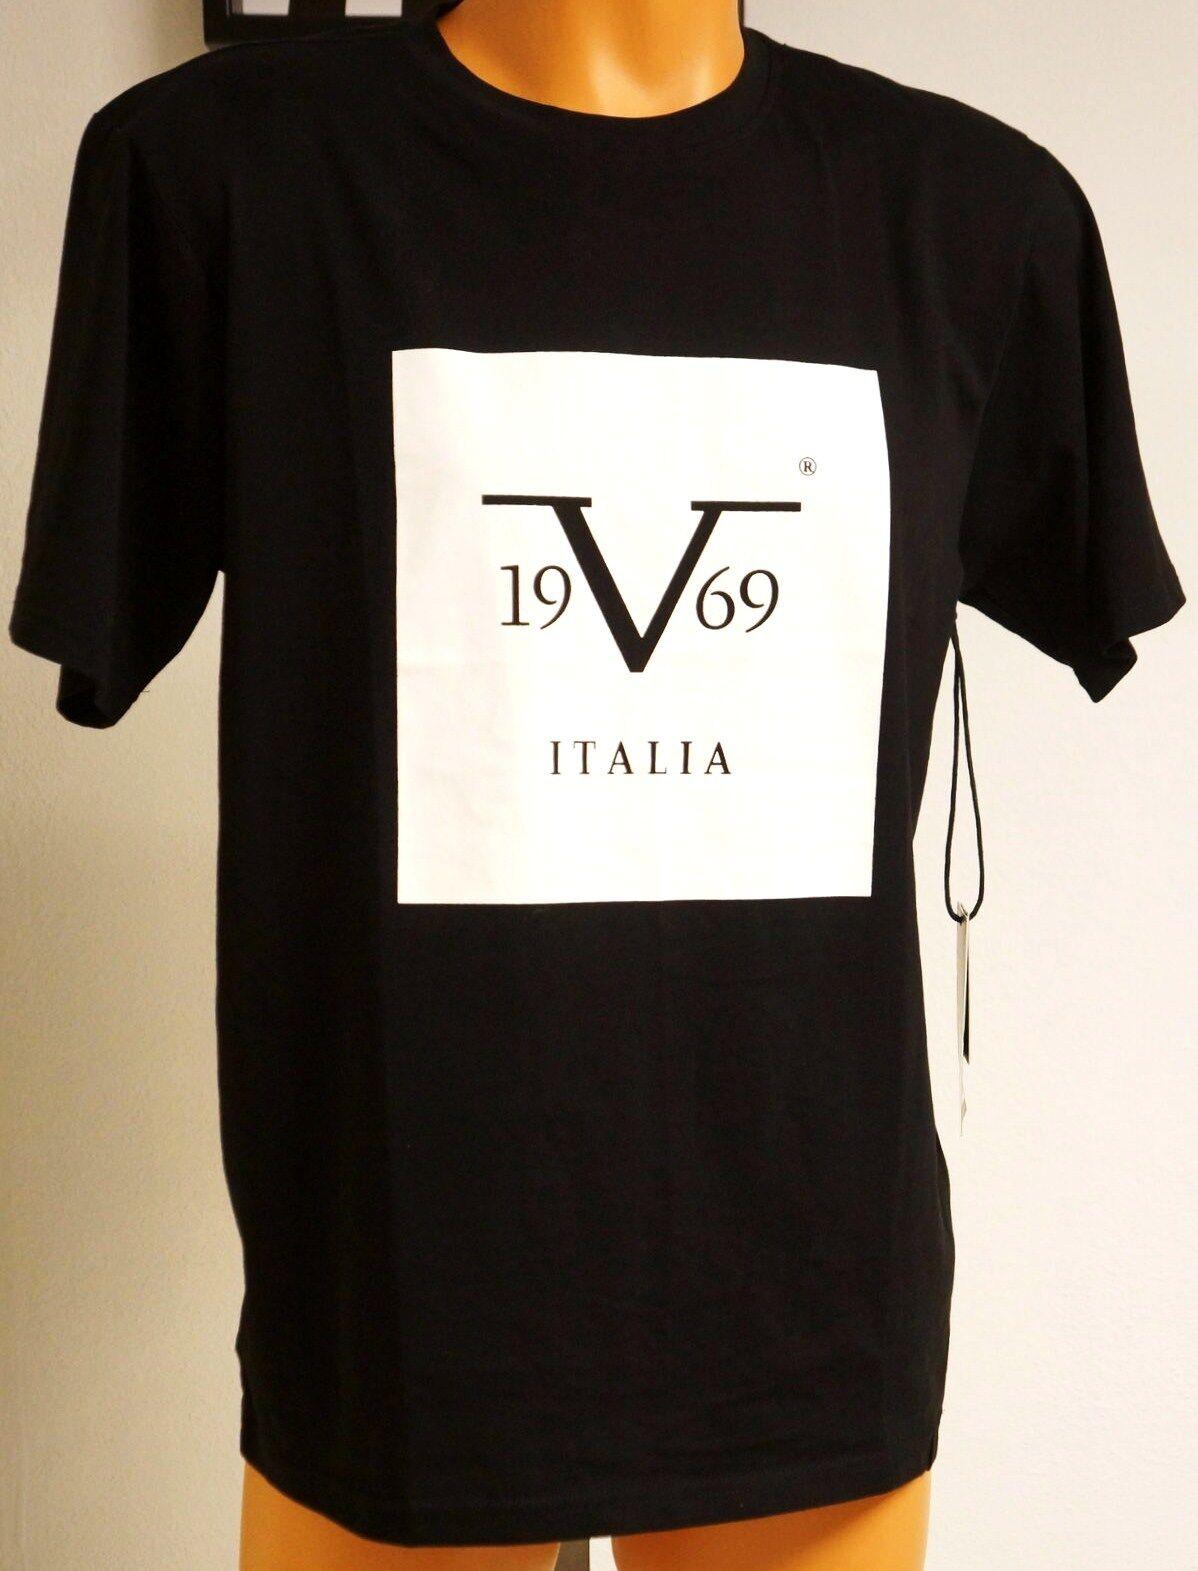 865f7dea530986 VERSACE 19.69  V 1969 Italia  Designer M Abbigliamento Sportivo NWT T-Shirt  Blk njlygh9511-T-Shirts